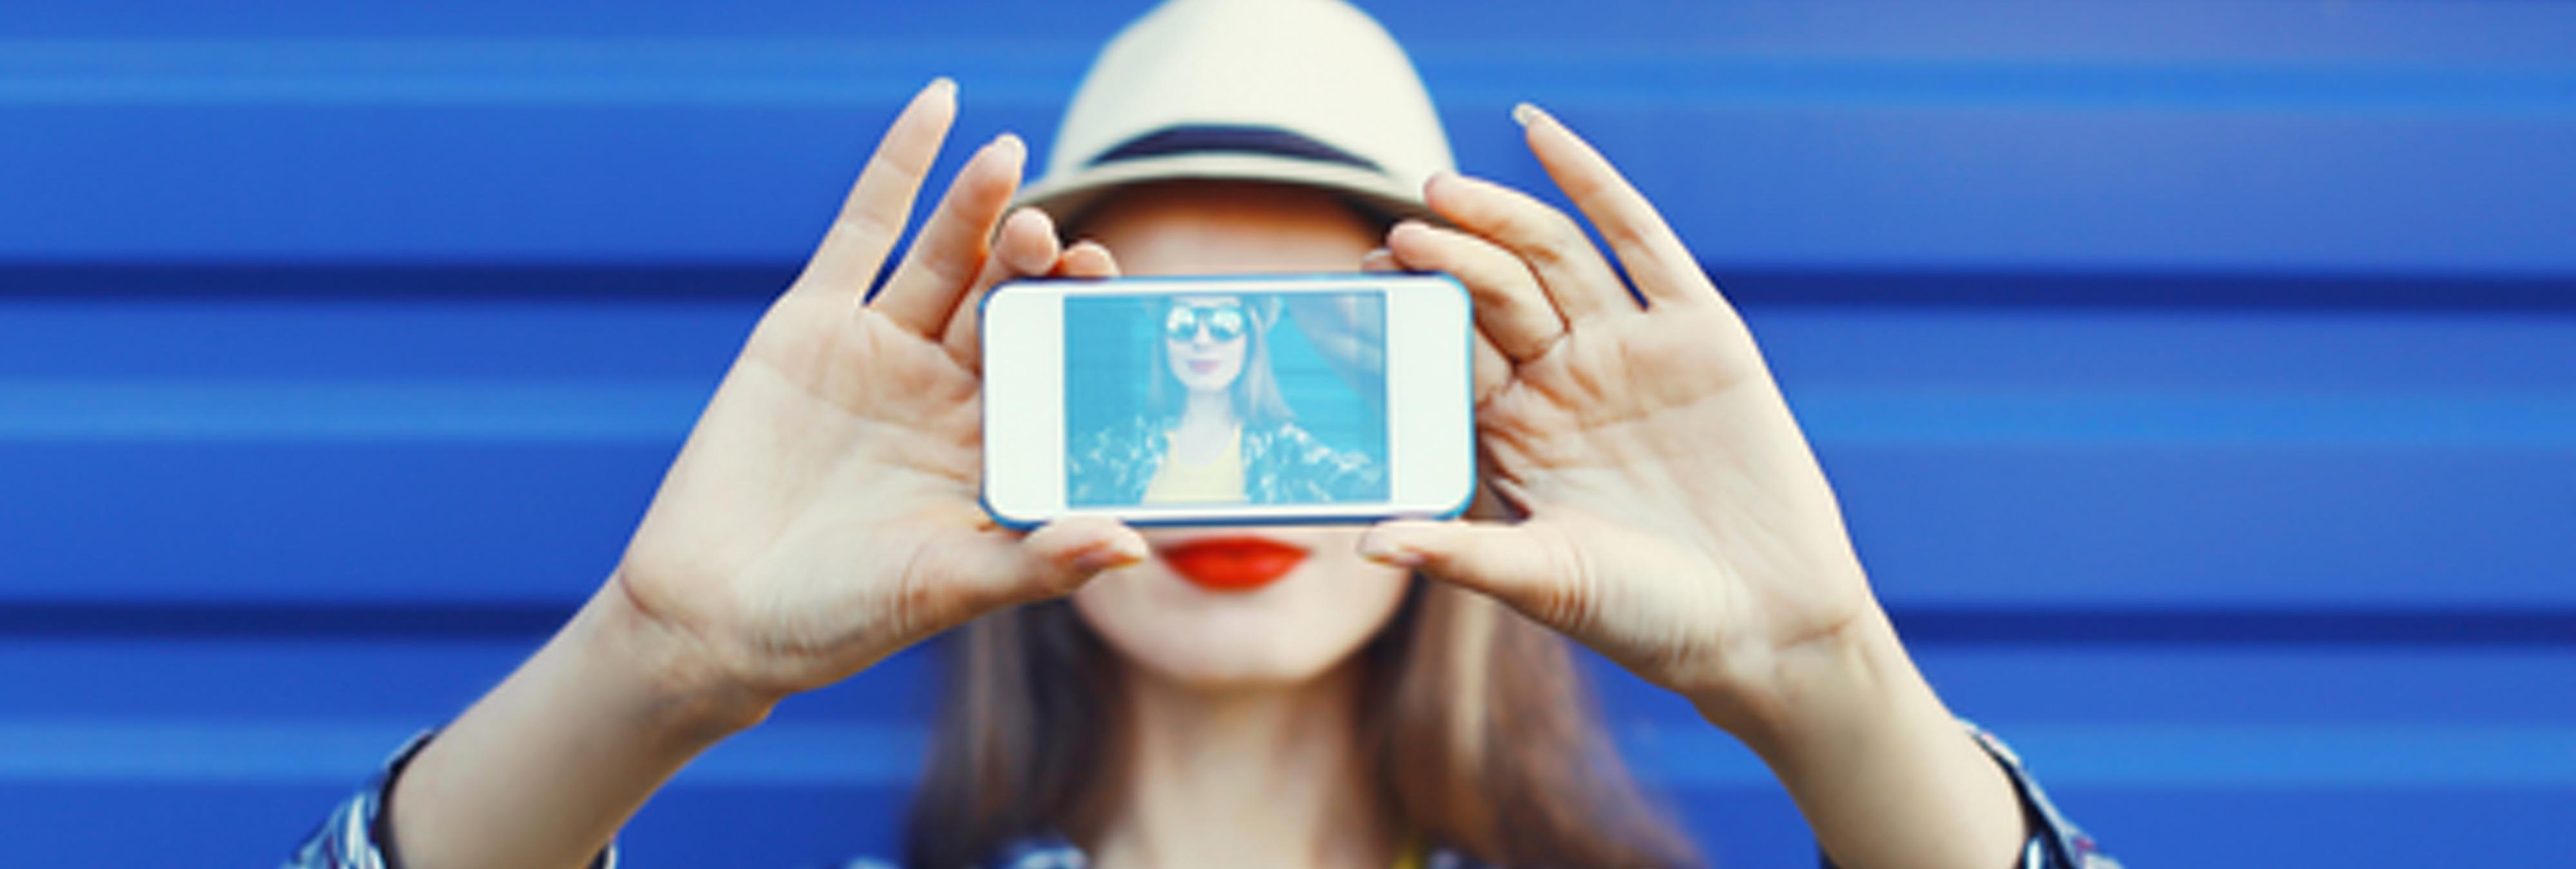 Sí, los 'millennials' son narcisistas y lo reconocen a regañadientes